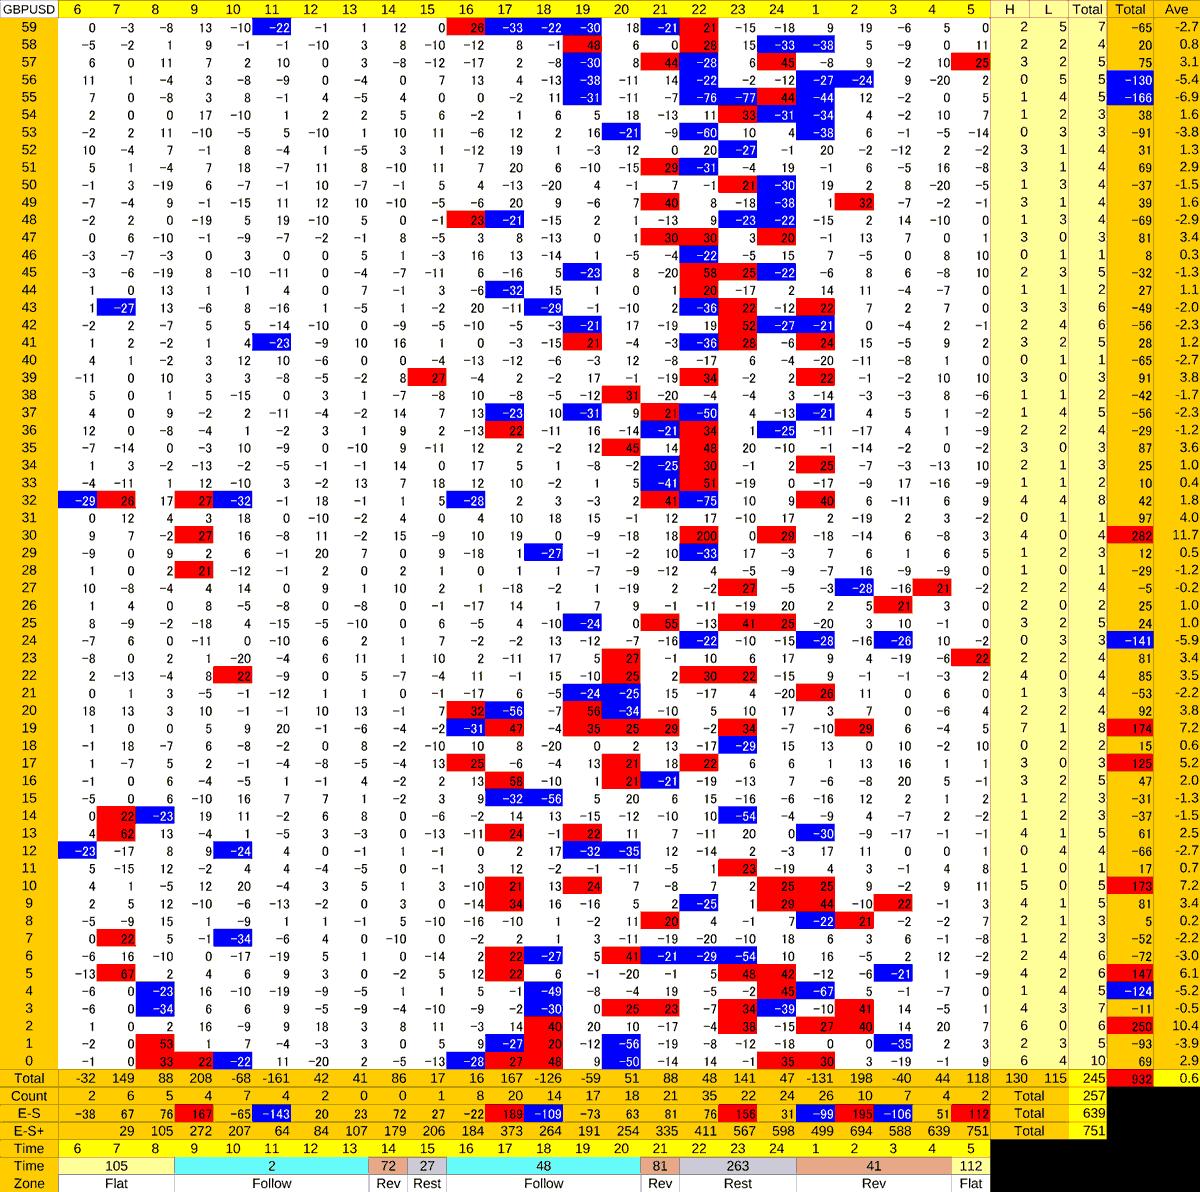 20210205_HS(2)GBPUSD